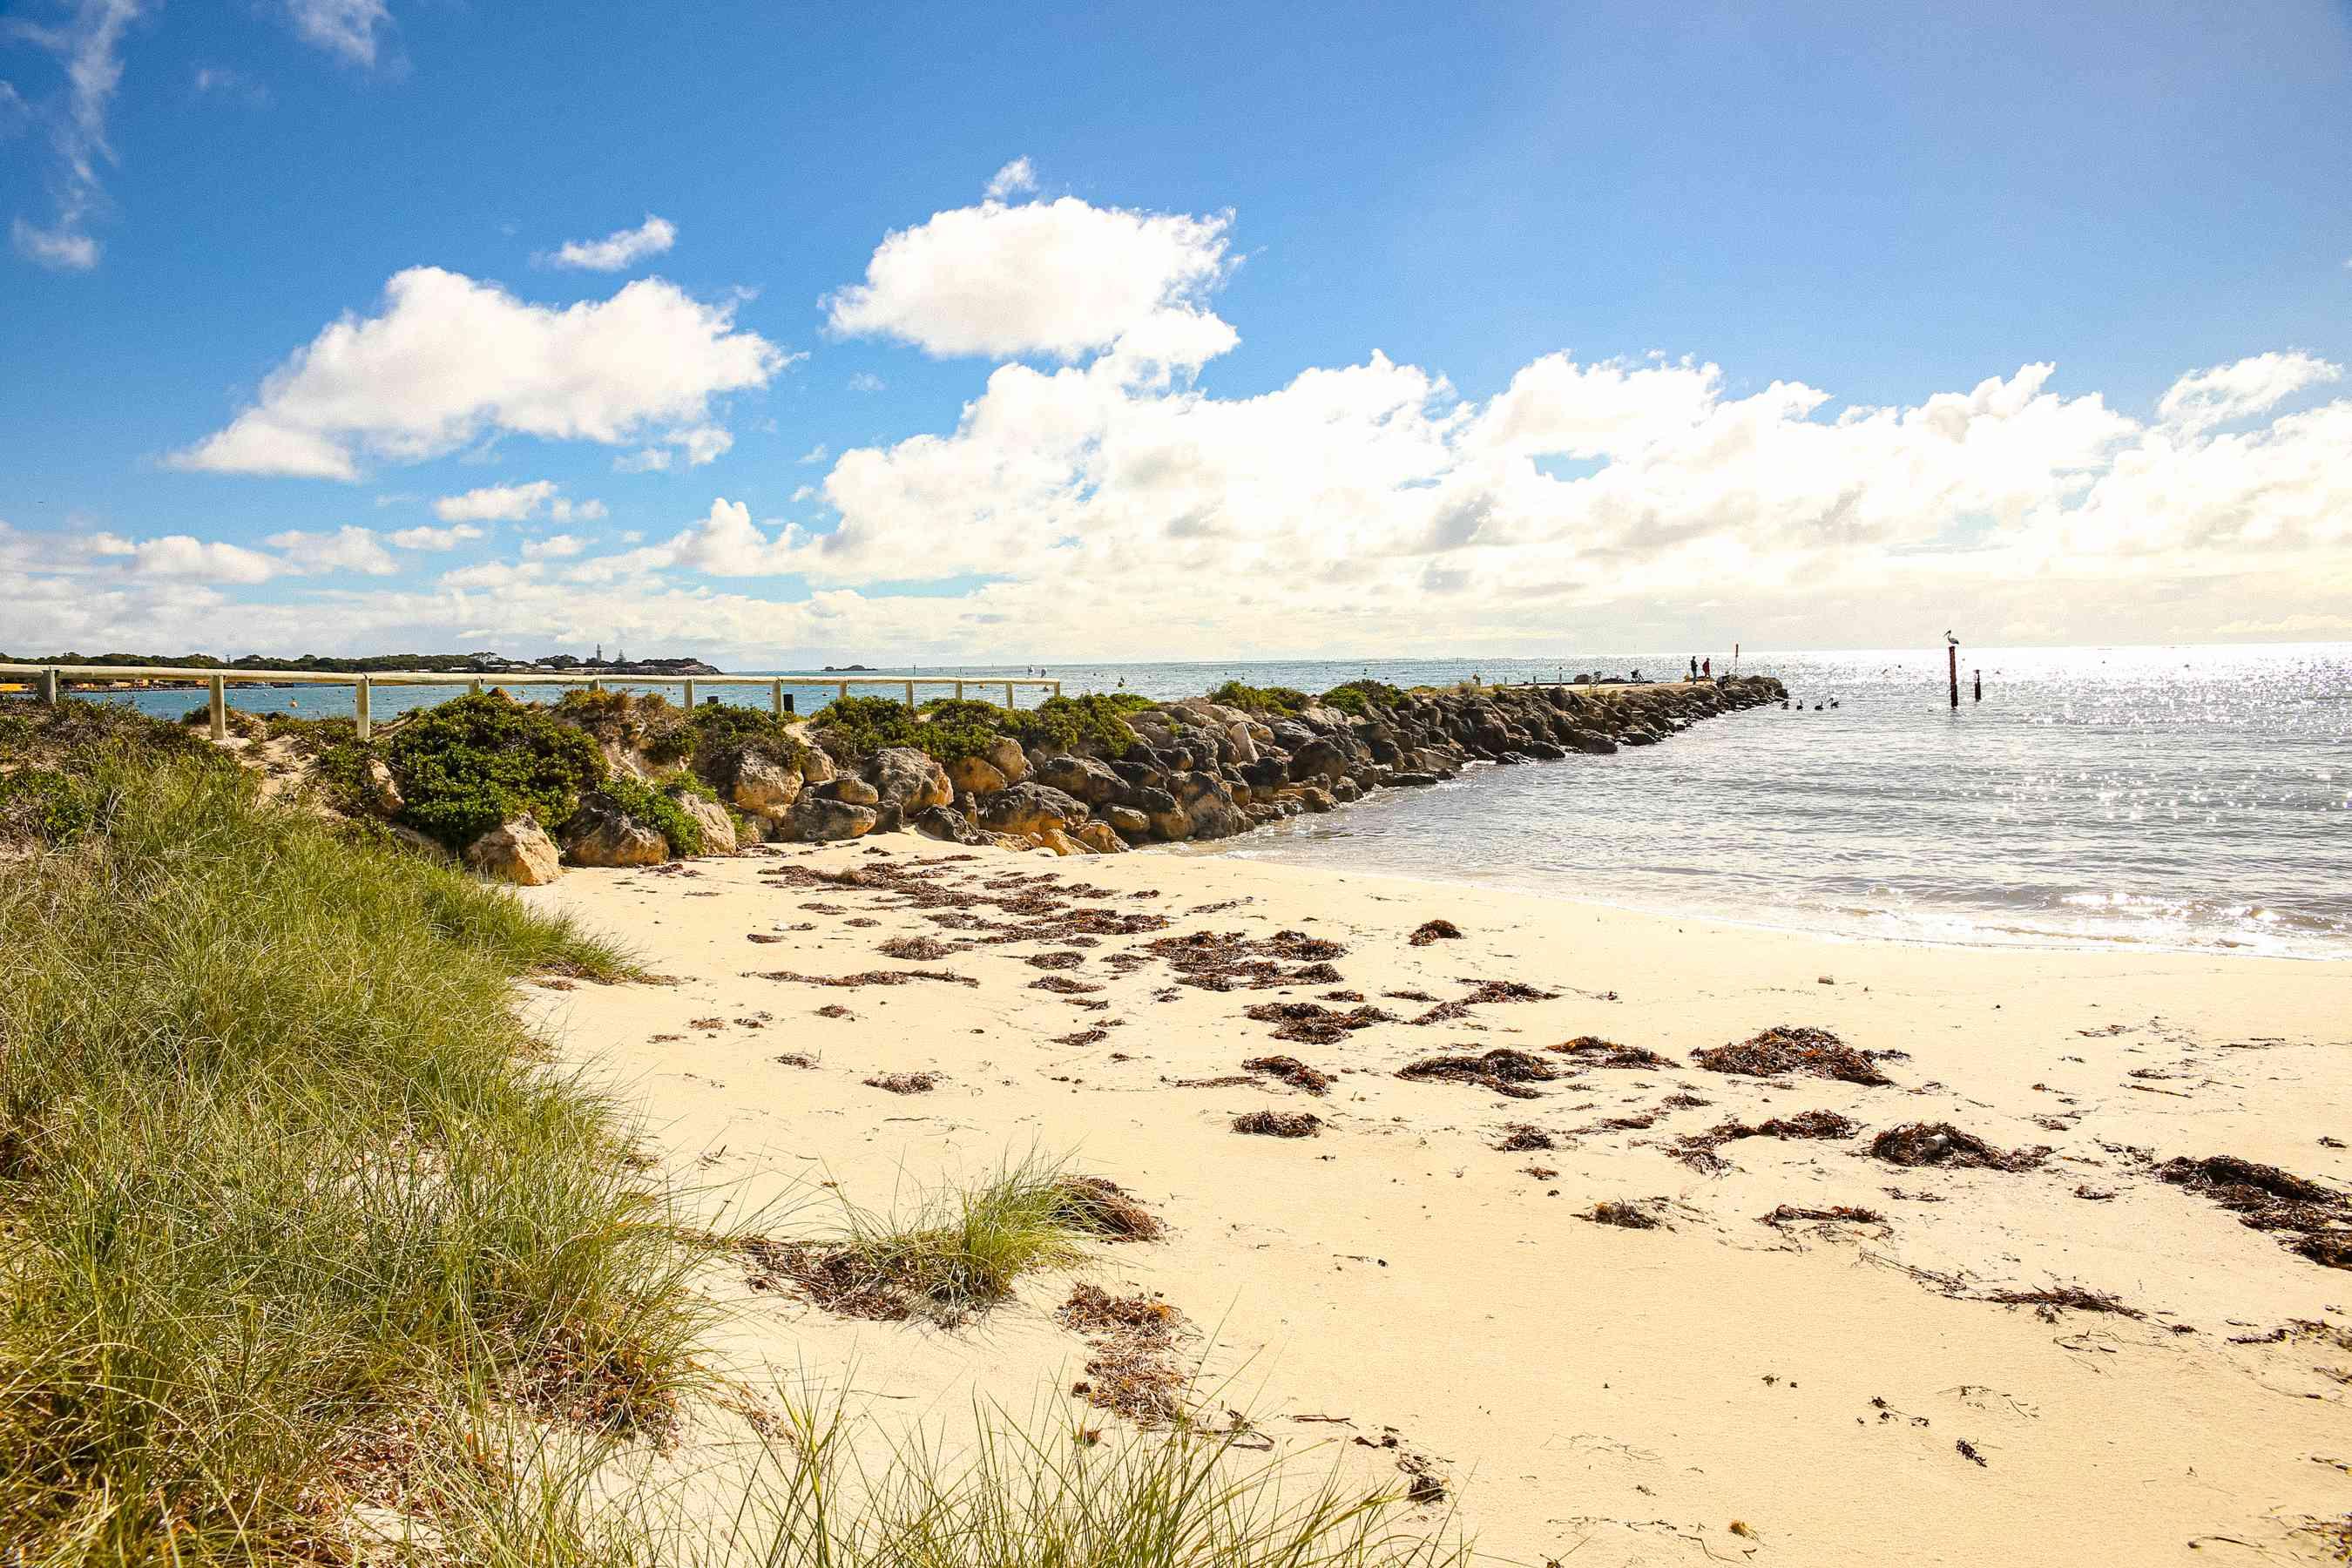 A sandy beach on Rottnest Island